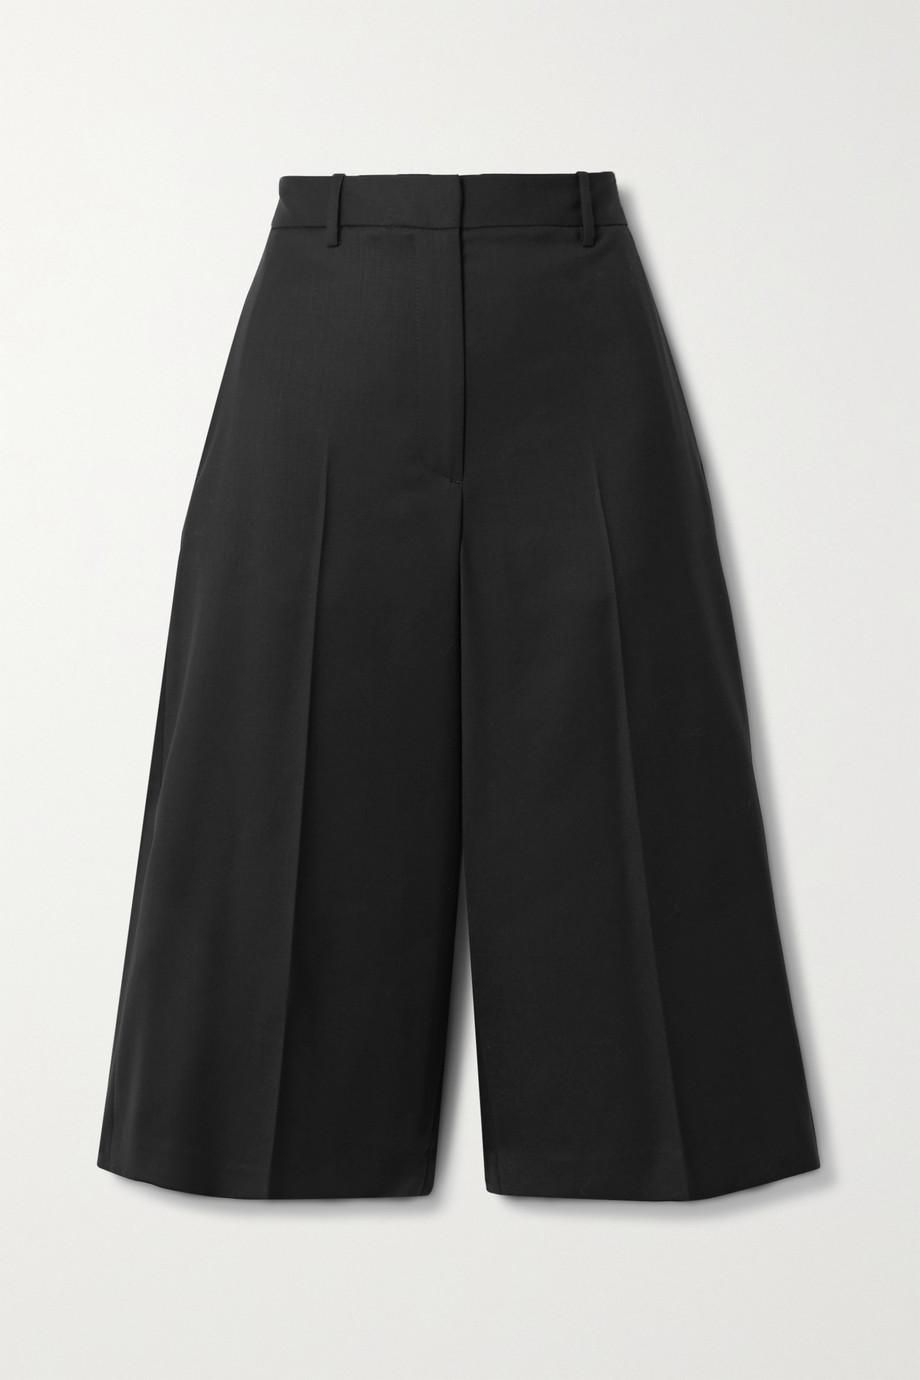 Nili Lotan Ilford wool-blend twill culottes